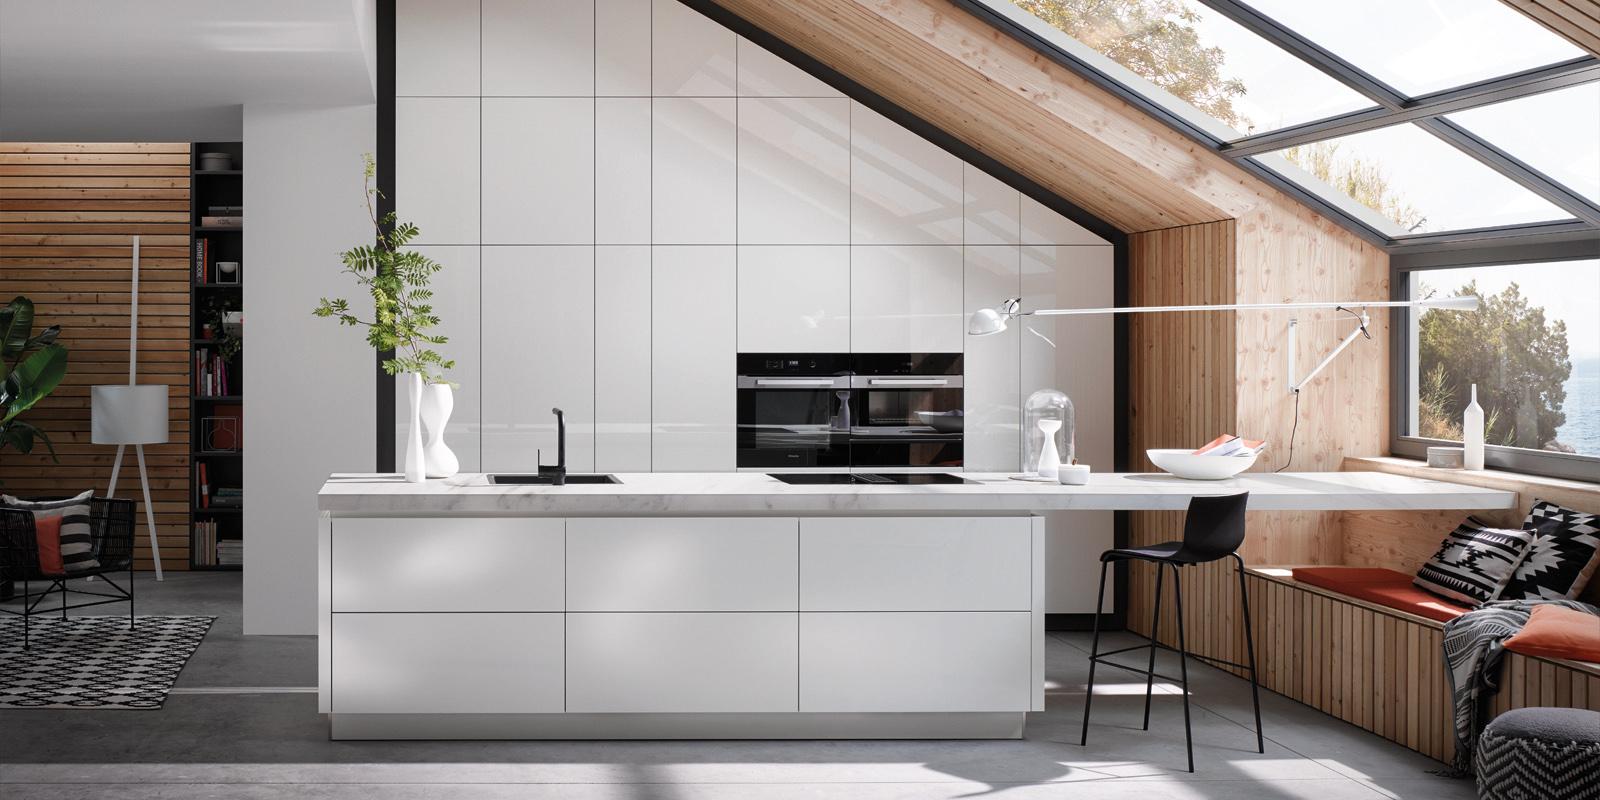 Full Size of Spritzschutz Küche Billig Billige Küche Ohne Geräte Wo Billig Küche Kaufen Küche Mit Geräten Billig Küche Küche Billig